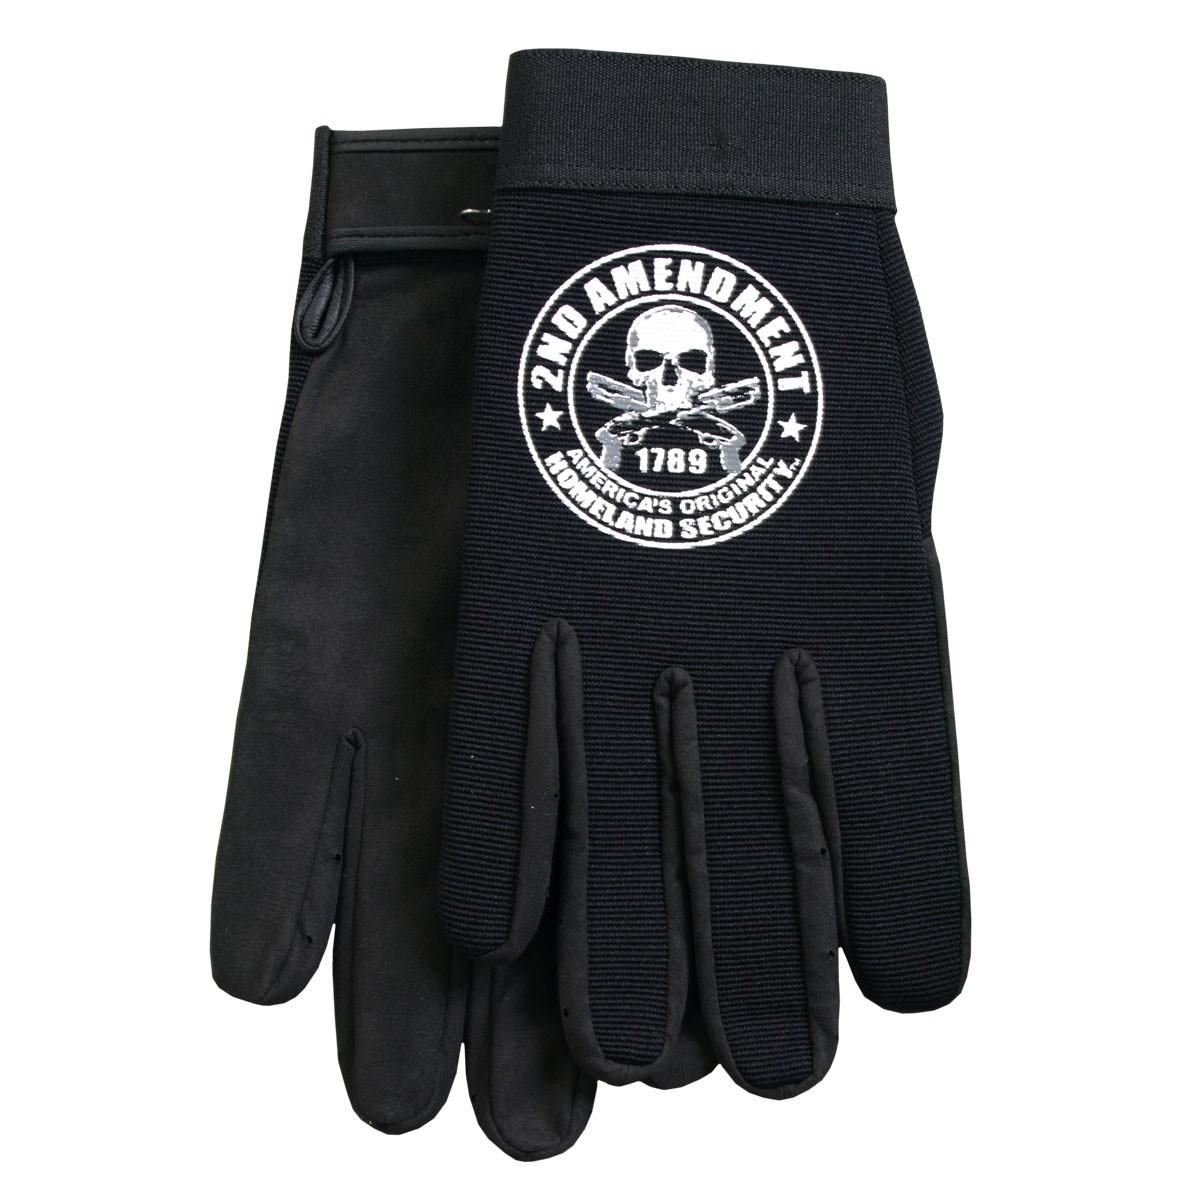 Hot Leathers 2nd Amendment Mechanics Gloves